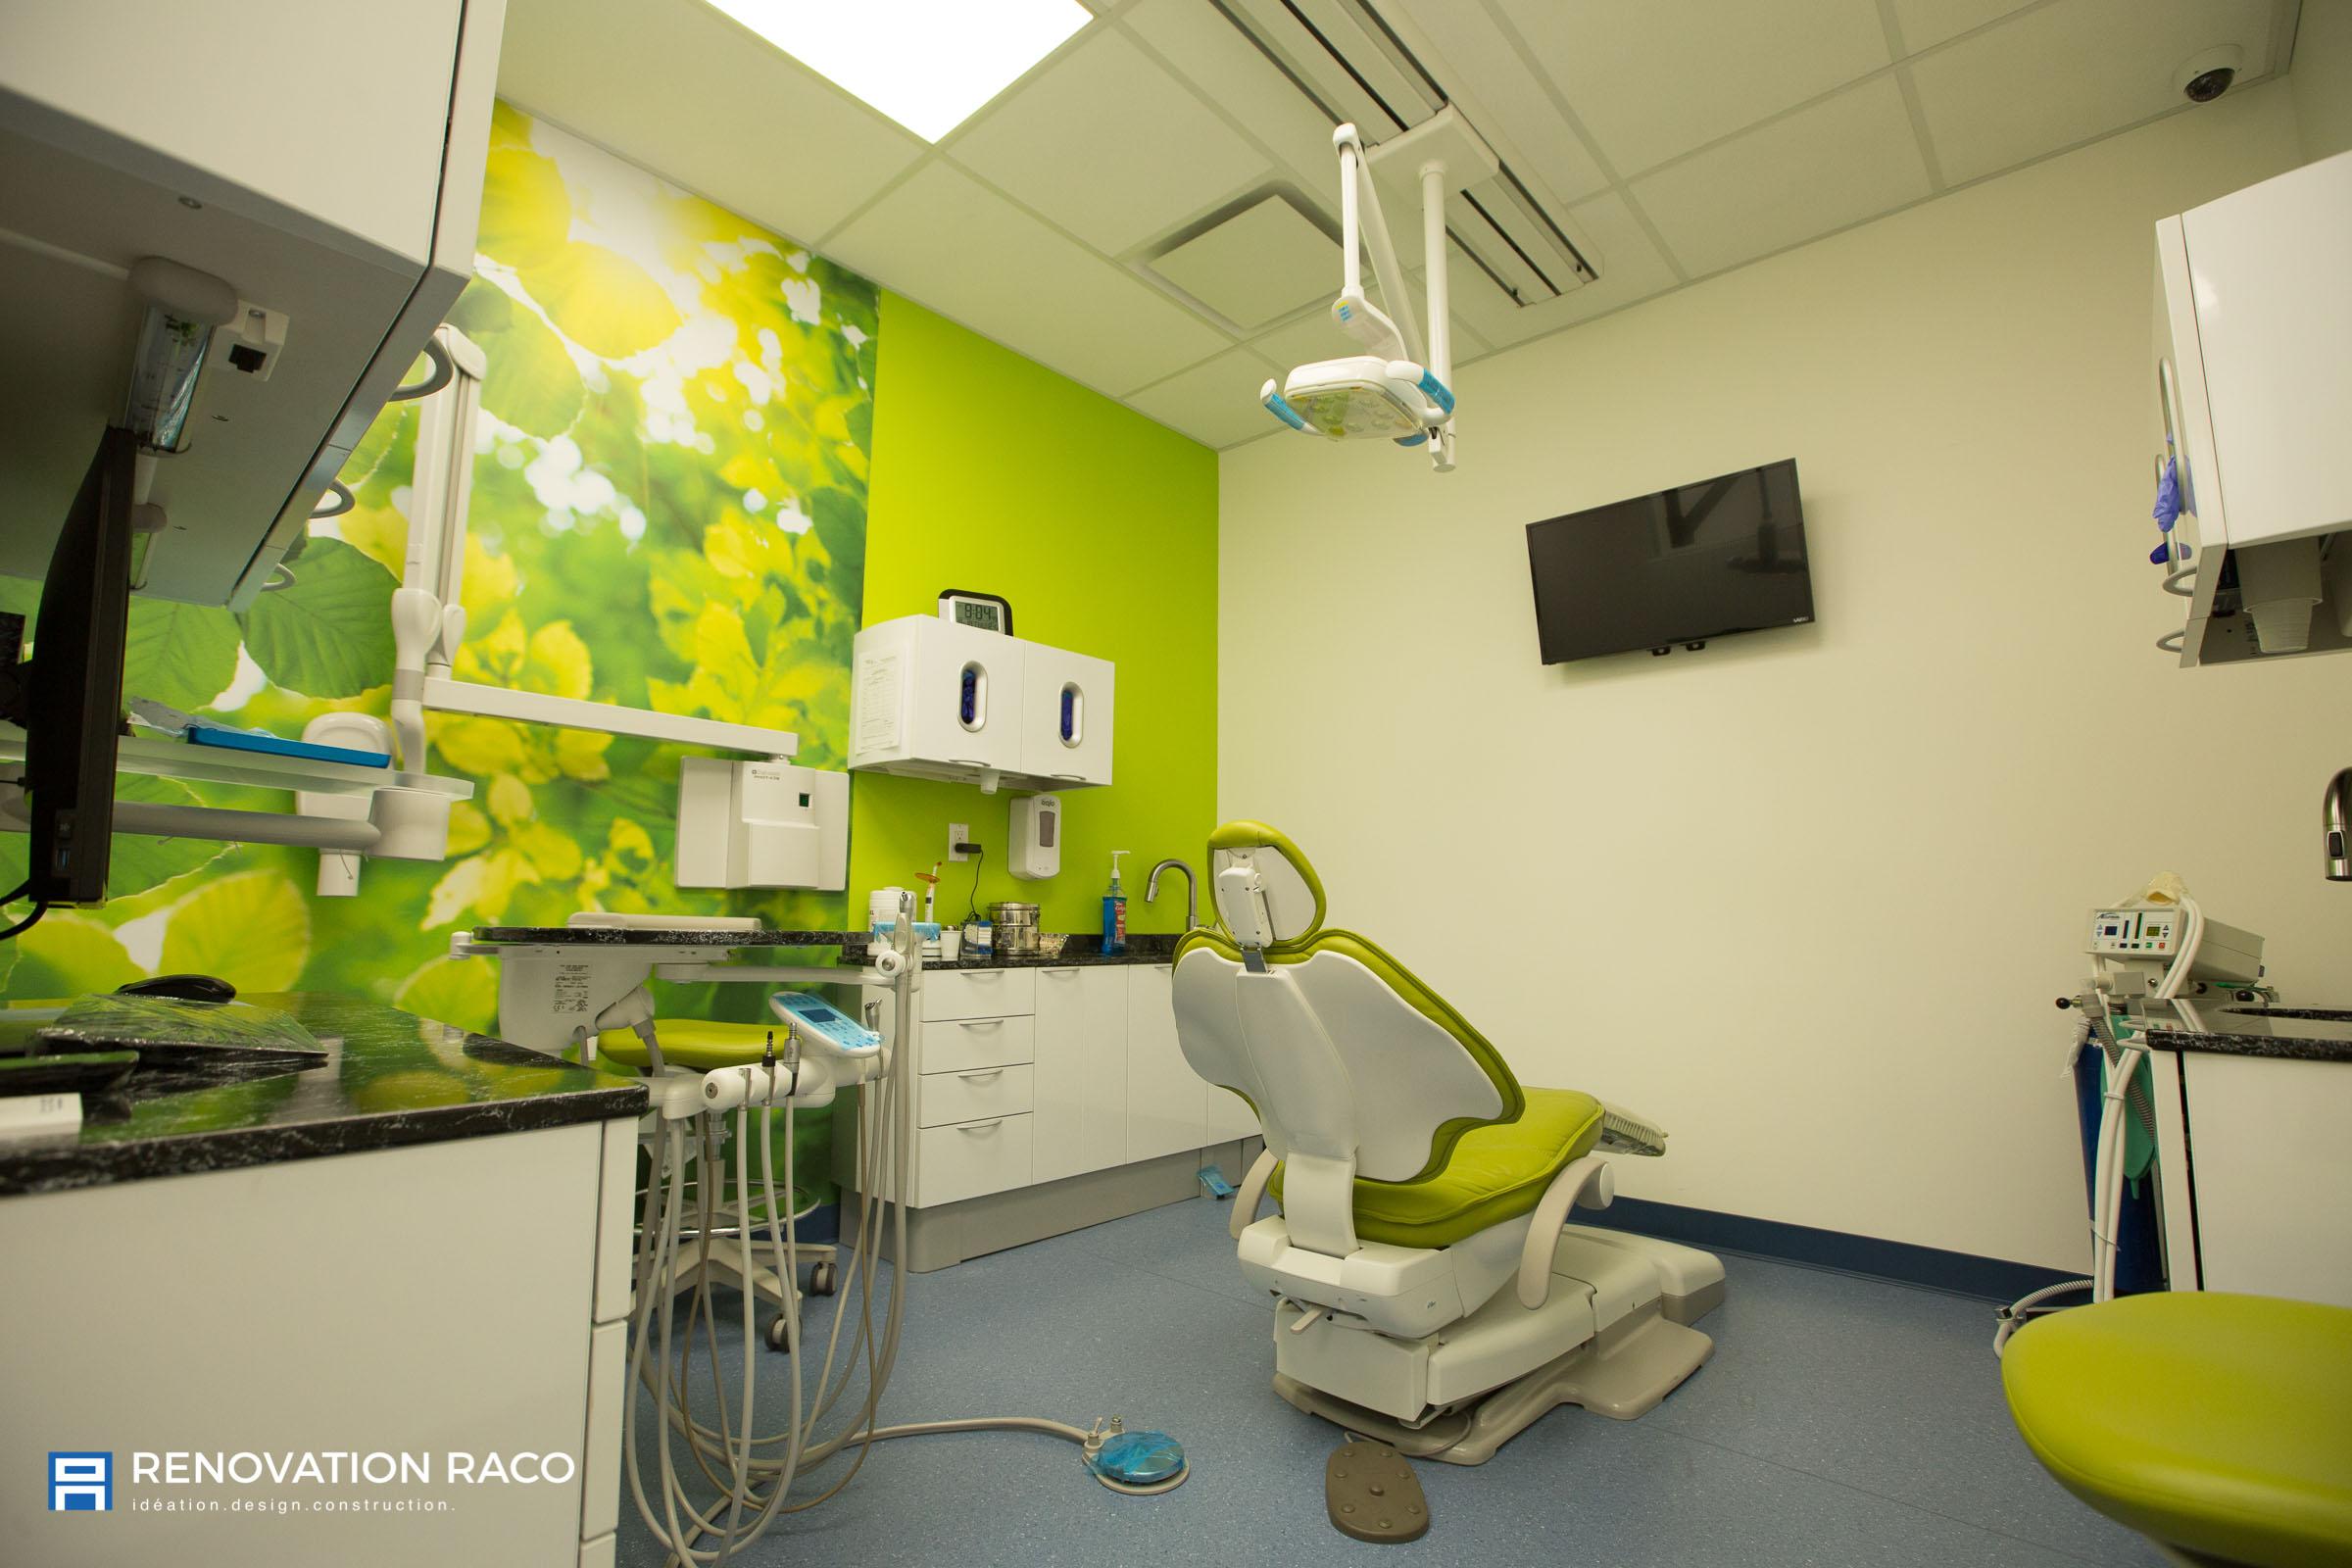 Renovation-Raco-Montreal-clinique Beydoun-04.jpg